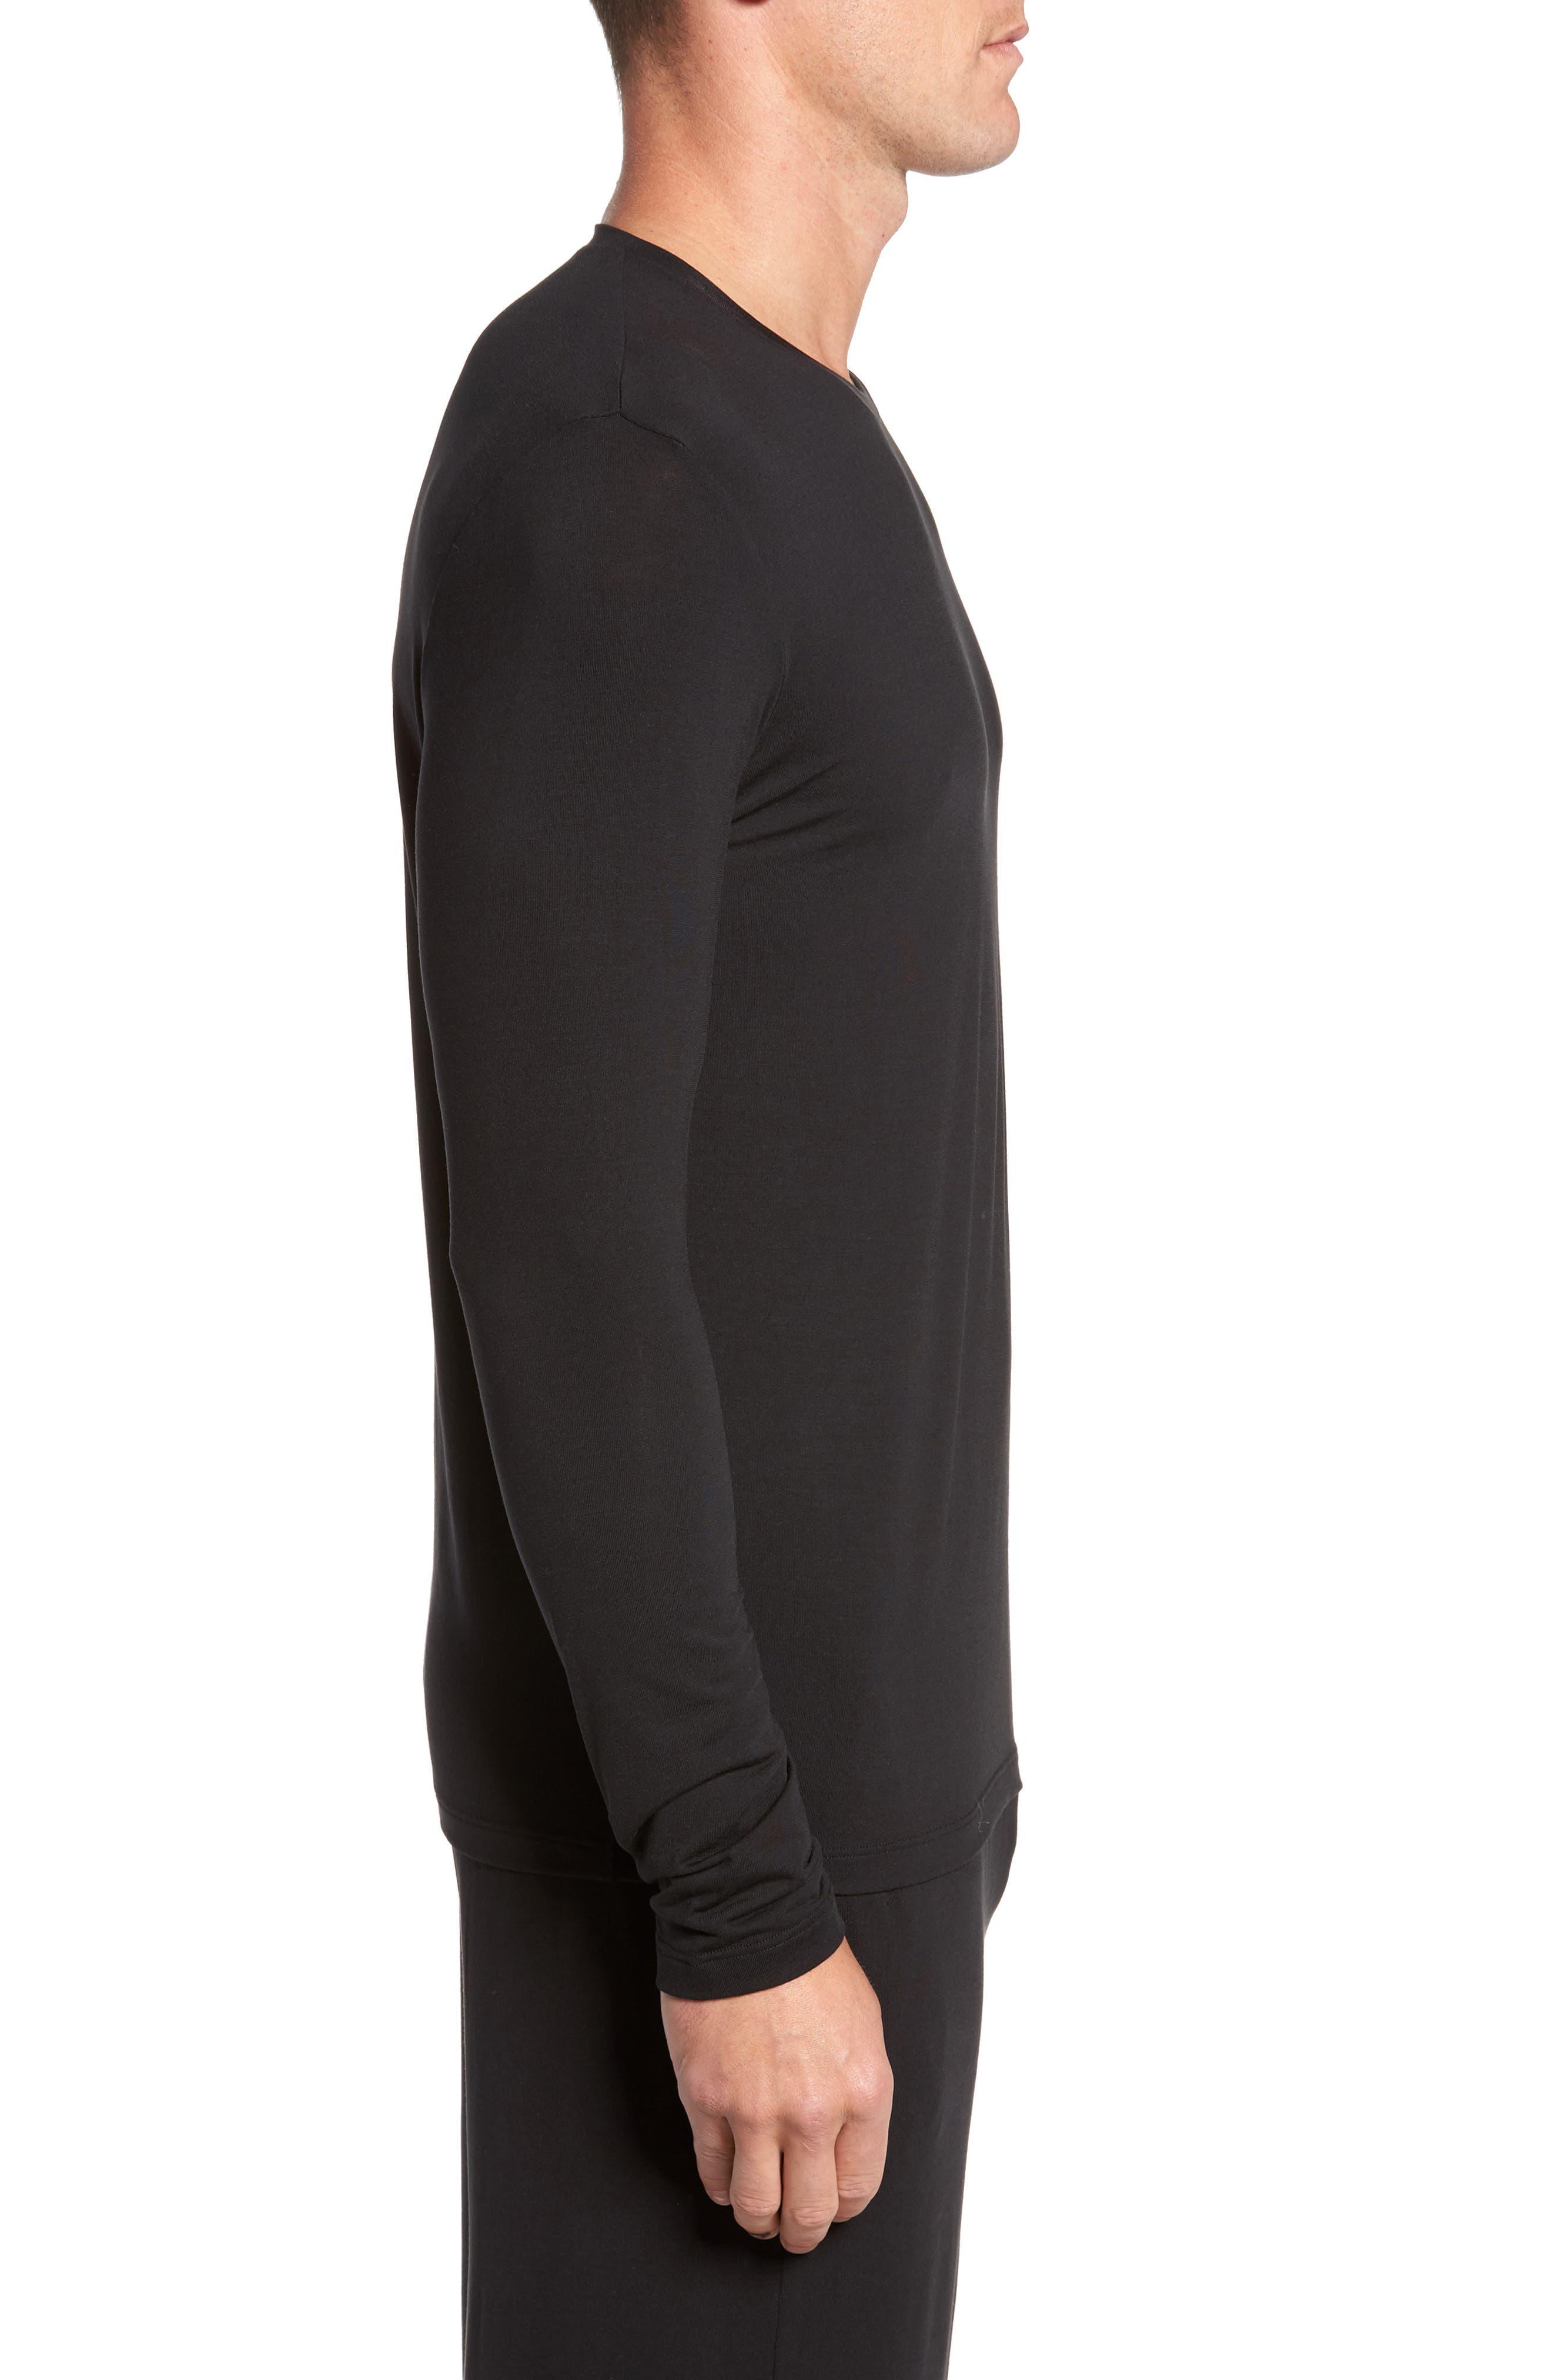 Second Skin T-Shirt,                             Alternate thumbnail 3, color,                             BLACK